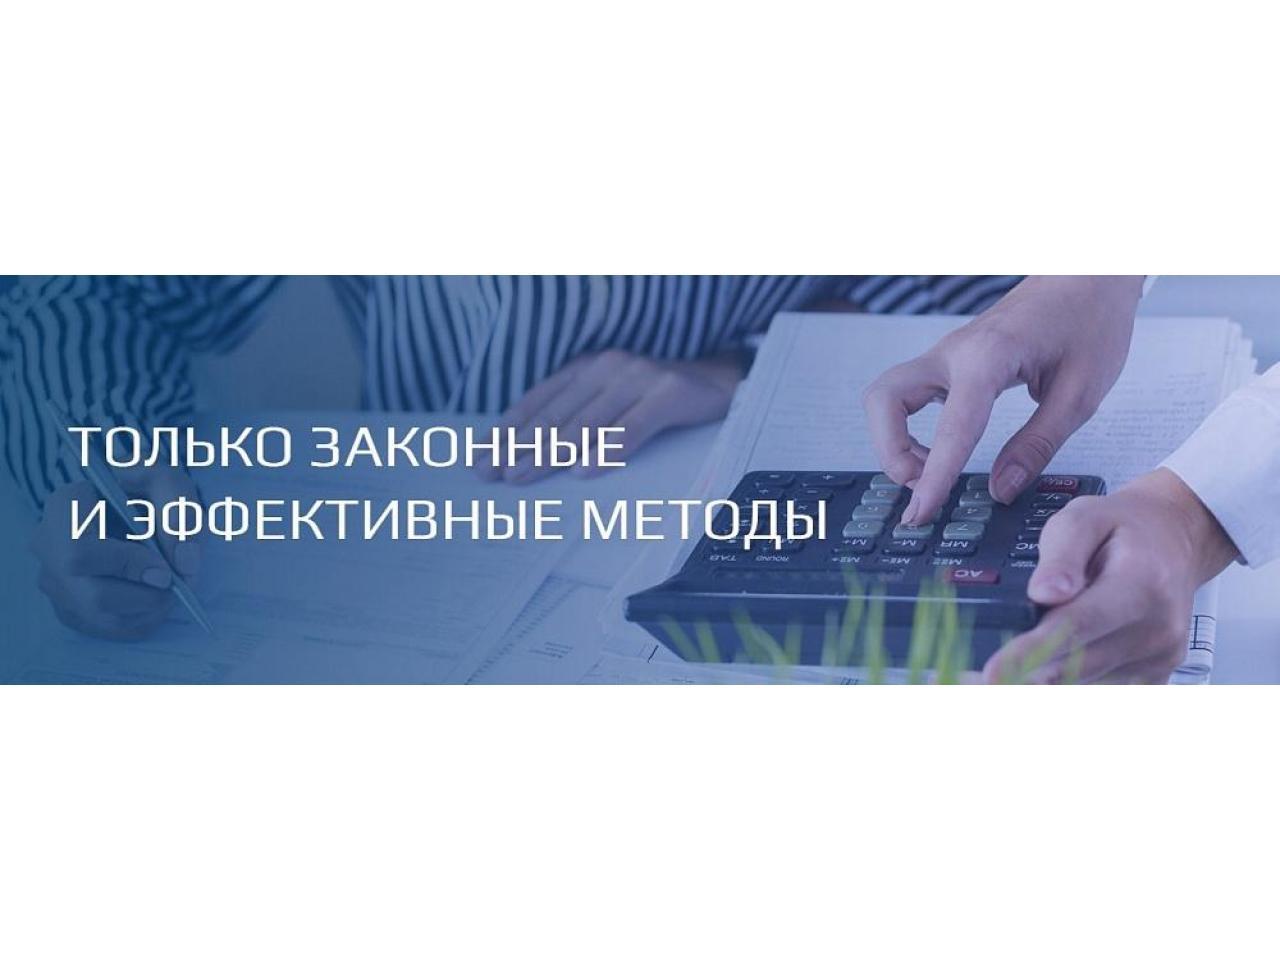 ОПТИМИЗАЦИЯ НАЛОГОВ ВАШЕЙ КОМПАНИИ - 1